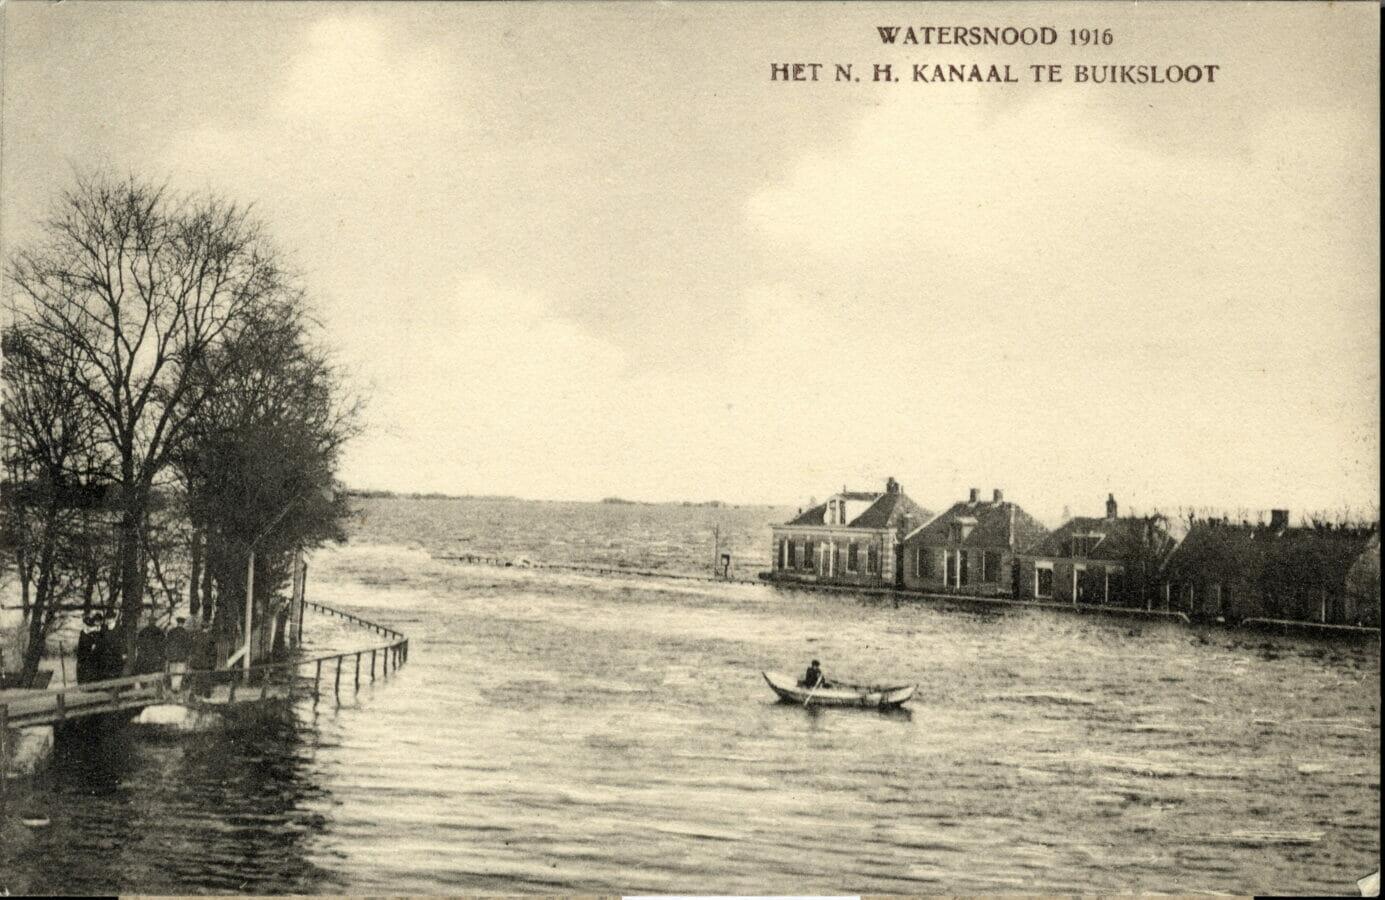 noordhollandsch kanaal te buiksloot watersnood 1916